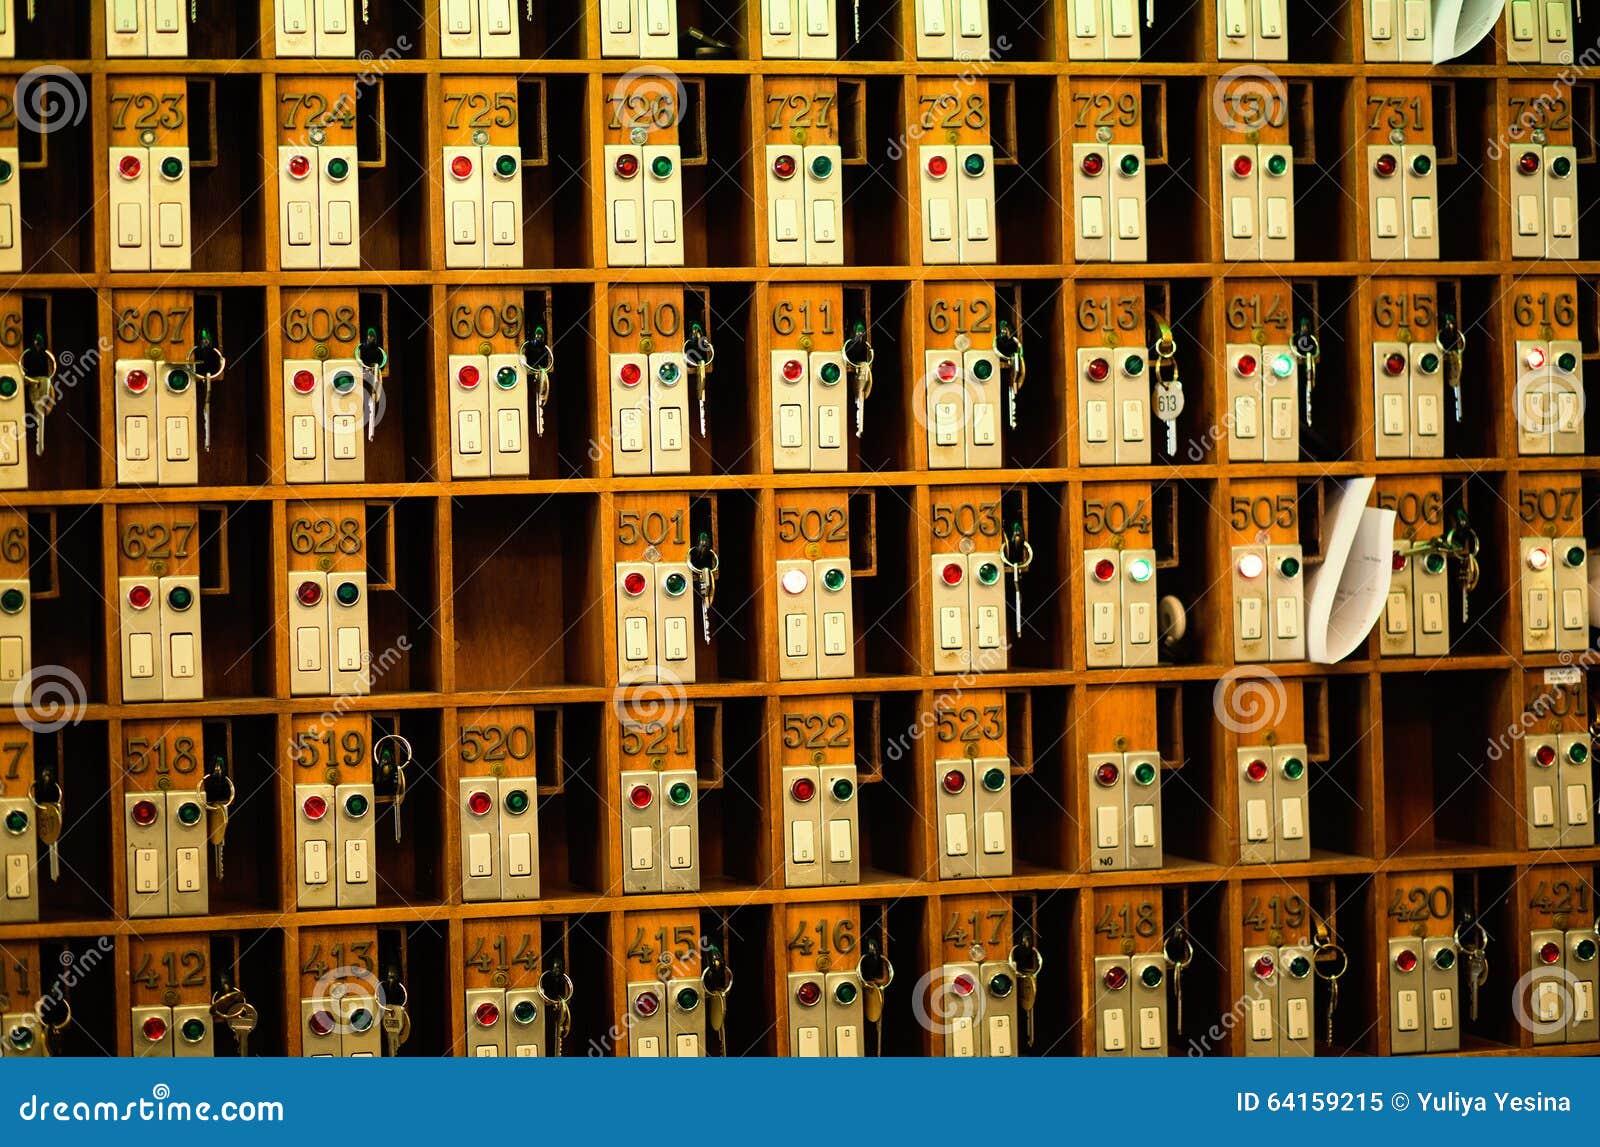 Vintage hotel front desk key rack stock image image 64159215 - Vintage hotel key rack ...